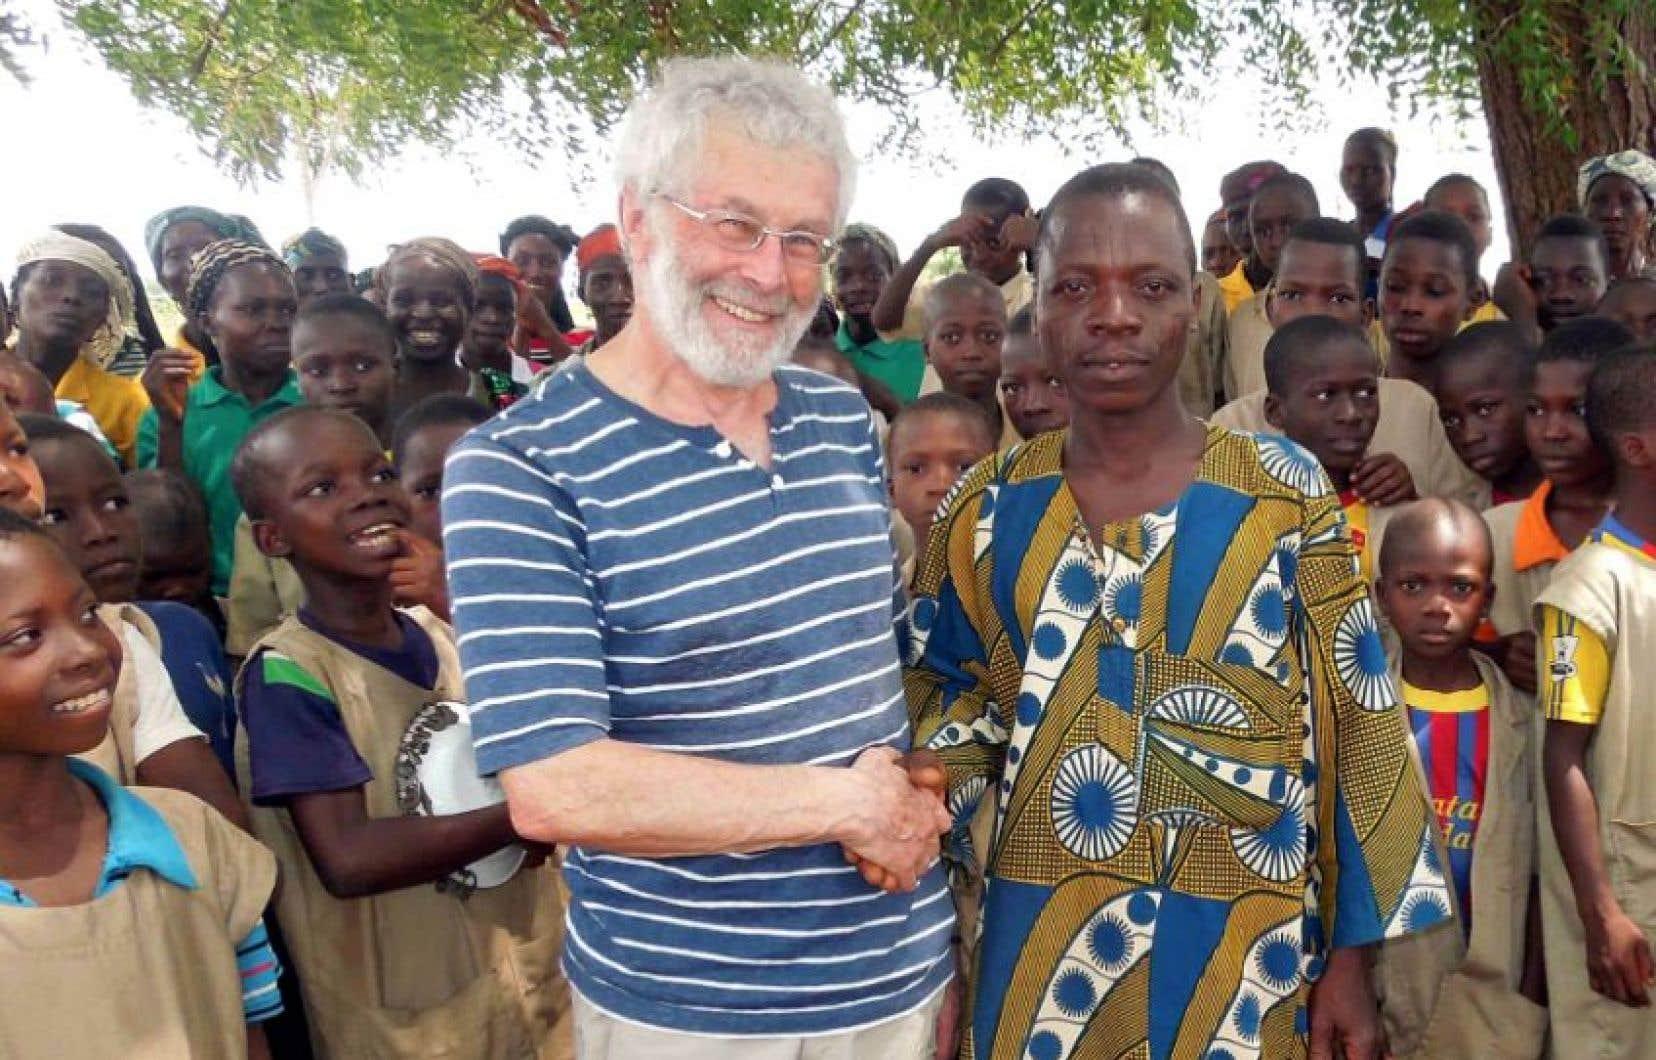 Francis Corpataux au Bénin, pays qui sera l'objet de son prochain disque.